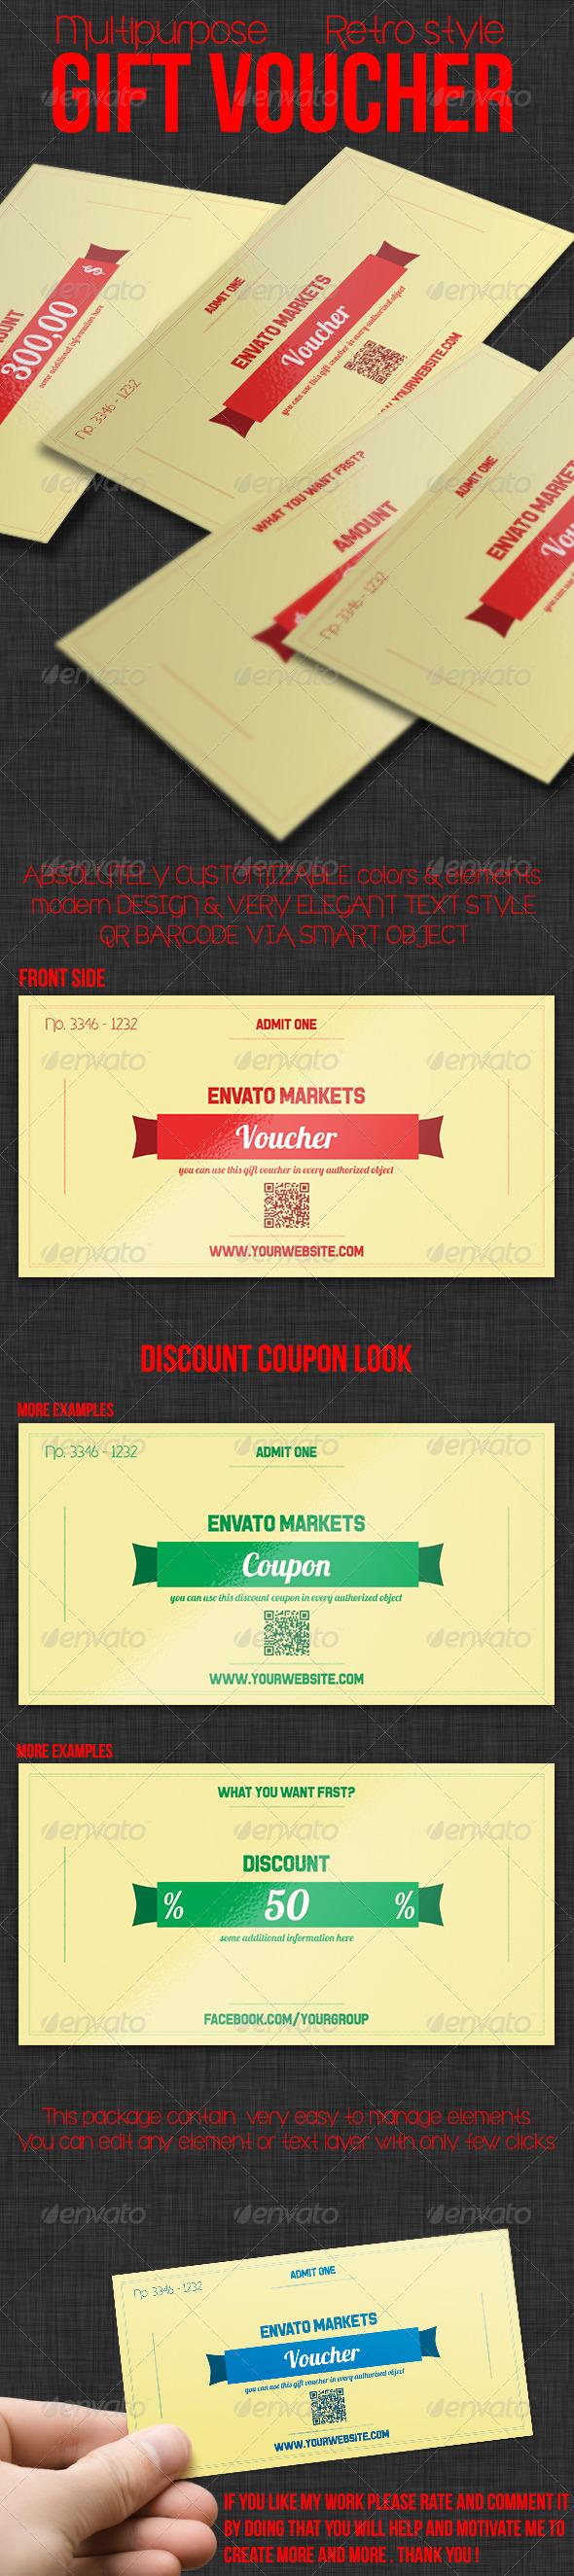 GraphicRiver Multipurpose Retro Gift Voucher 03 7948931